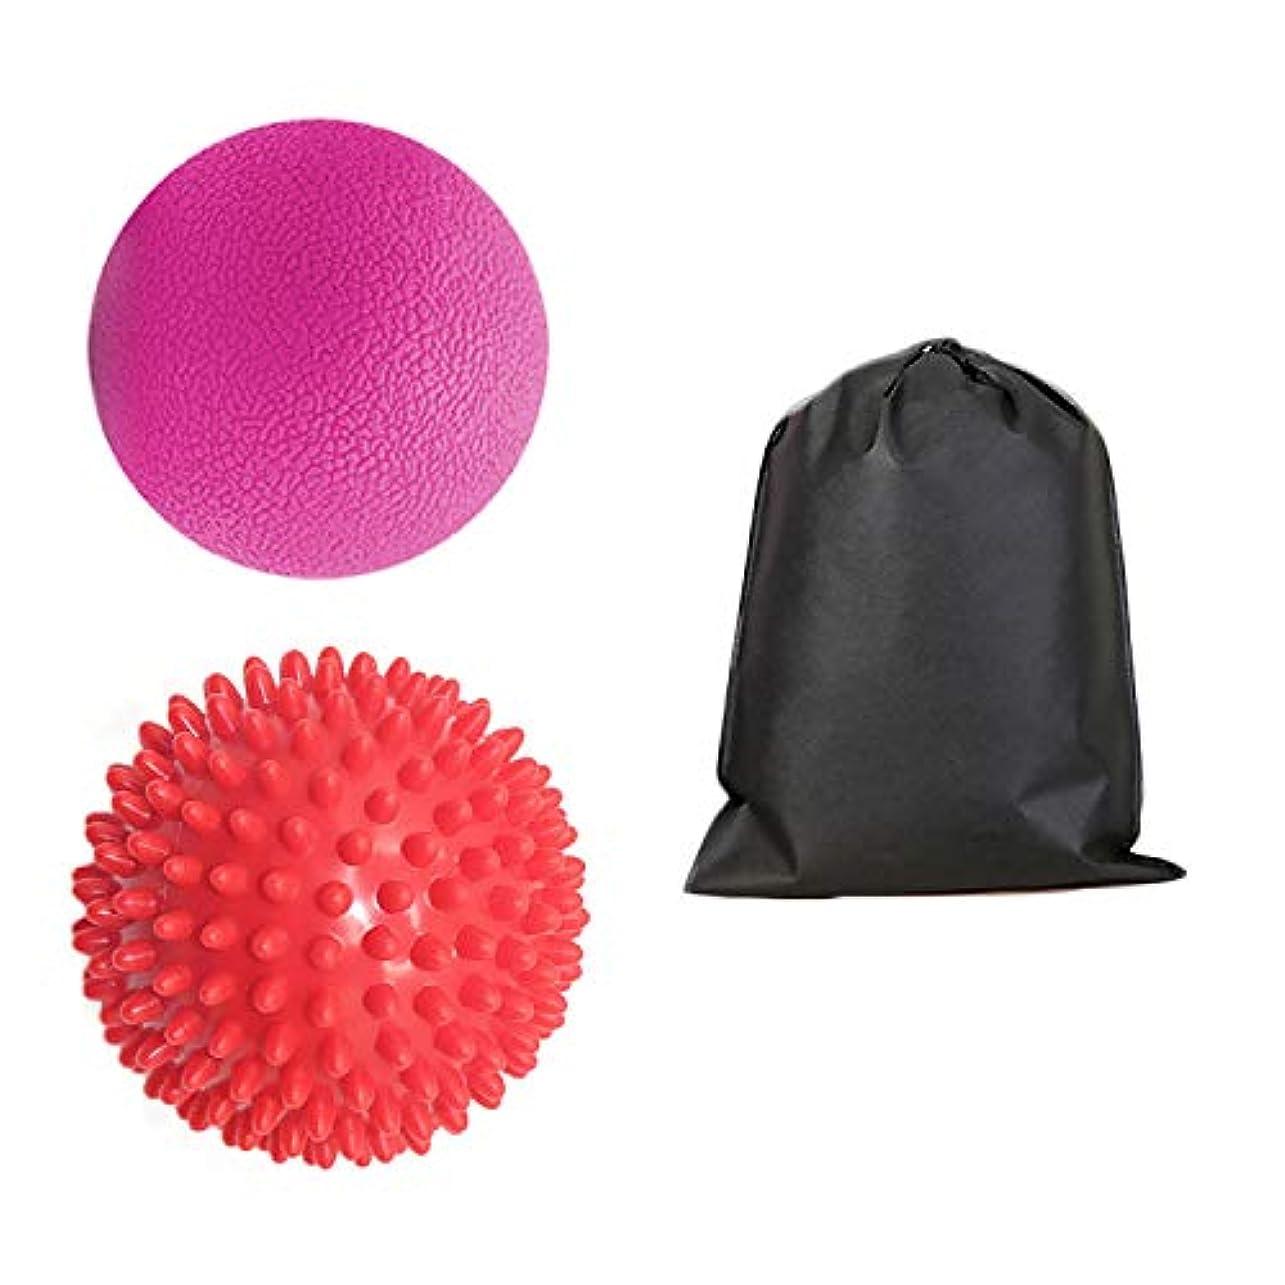 ベース掃くフリルMigavan 1個マッサージボールマッサージボールローラーマッサージボール+ 1袋スパイクマッサージローラーボールマッサージと収納バッグ